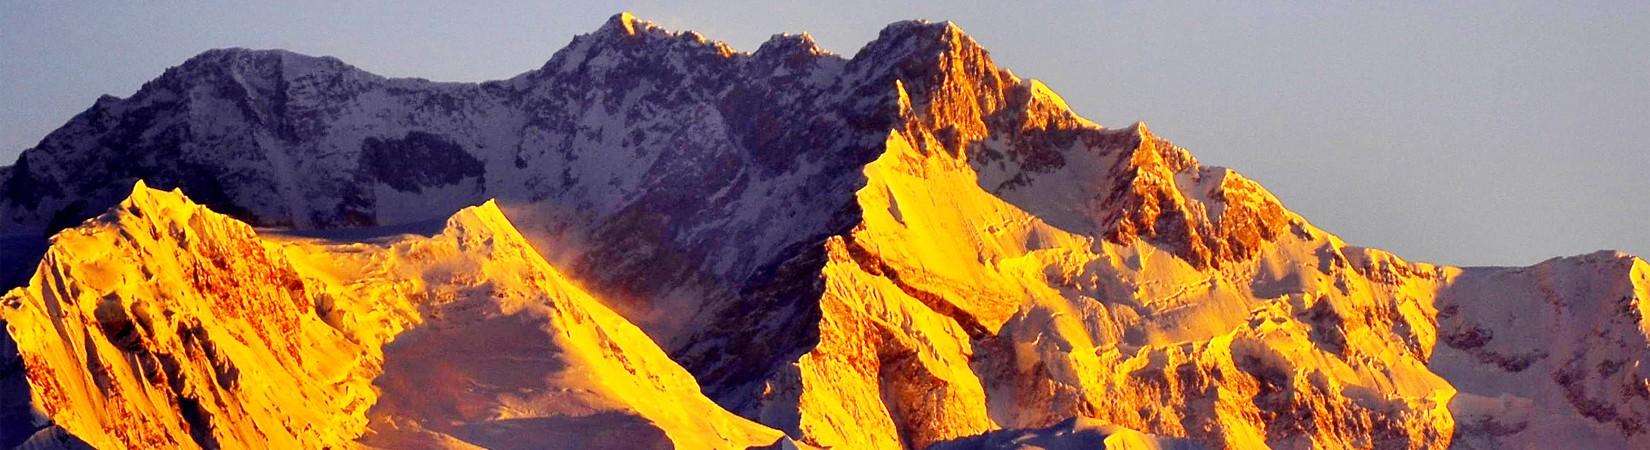 Lever du soleil sur le sommet de Kanchenjunga